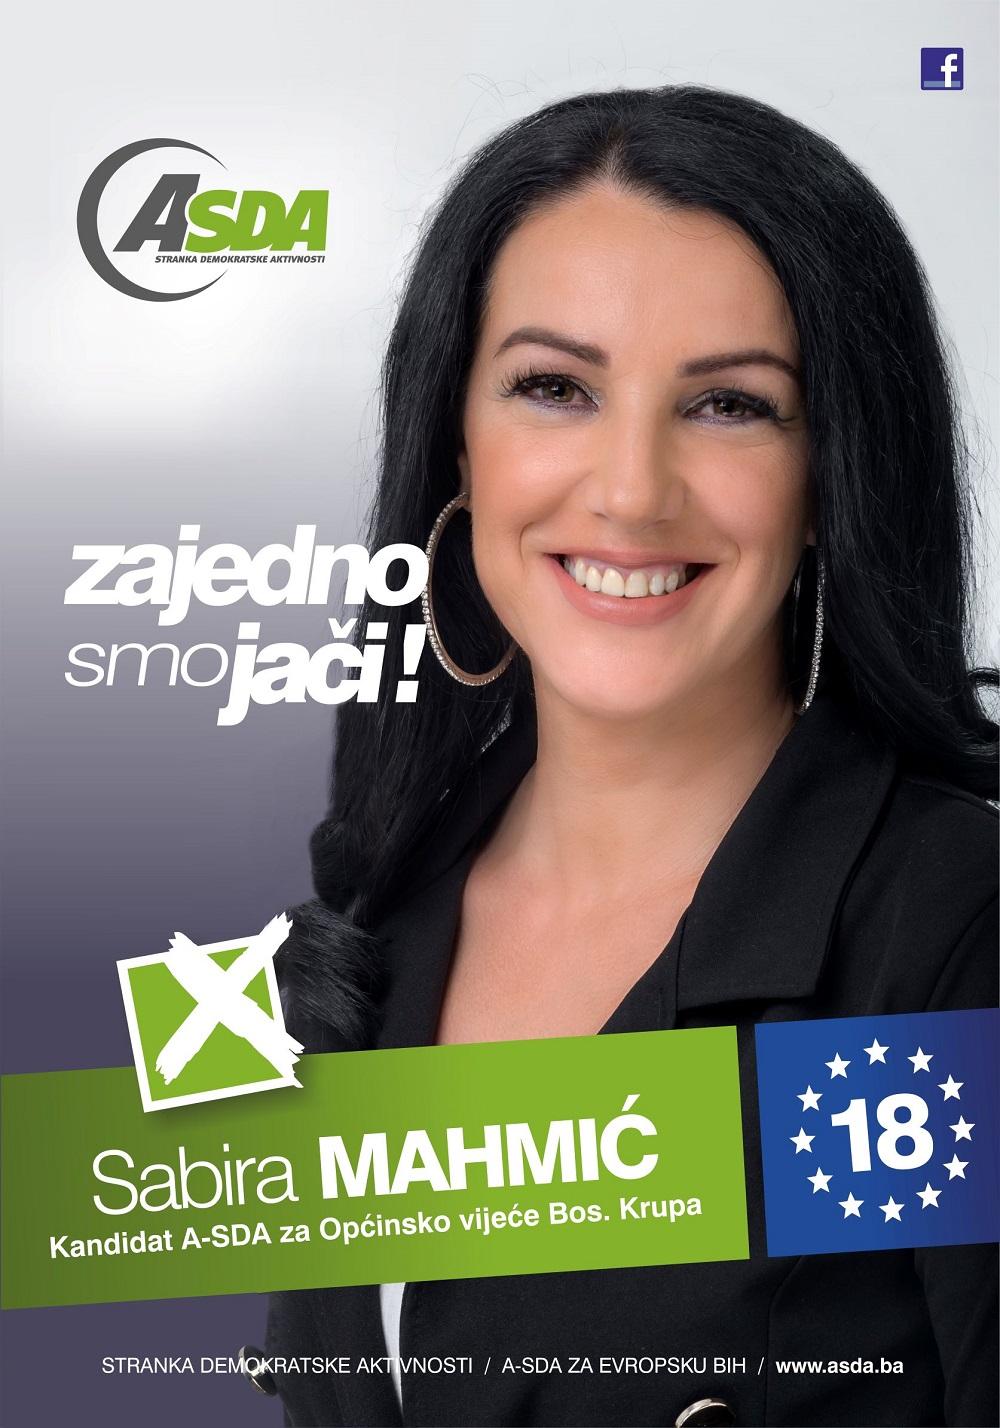 Sabira Mahmić je rođena 1979. godine i član je MO Mahmić selo. Završila je srednju školu u Bužimu. Udata je i majka dvoje djece.